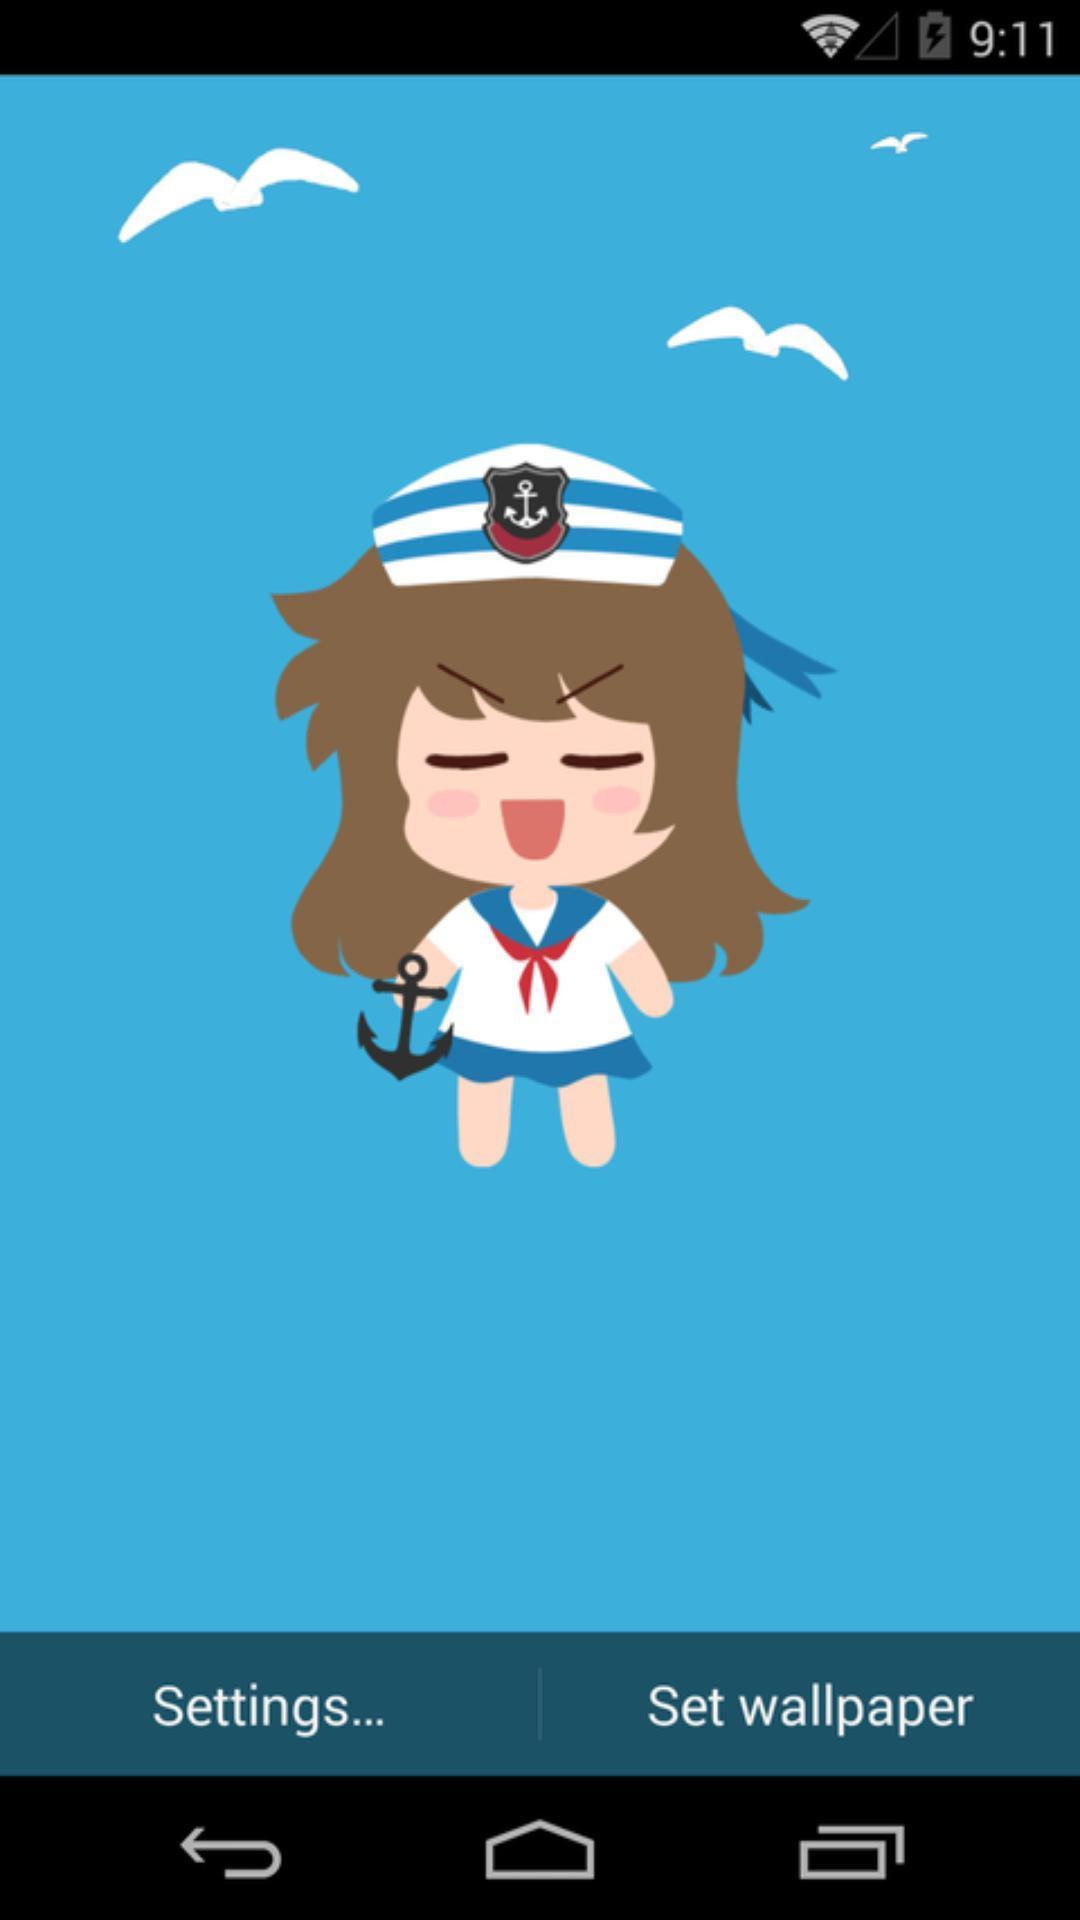 伟大的安妮-海军装-梦象动态壁纸下载